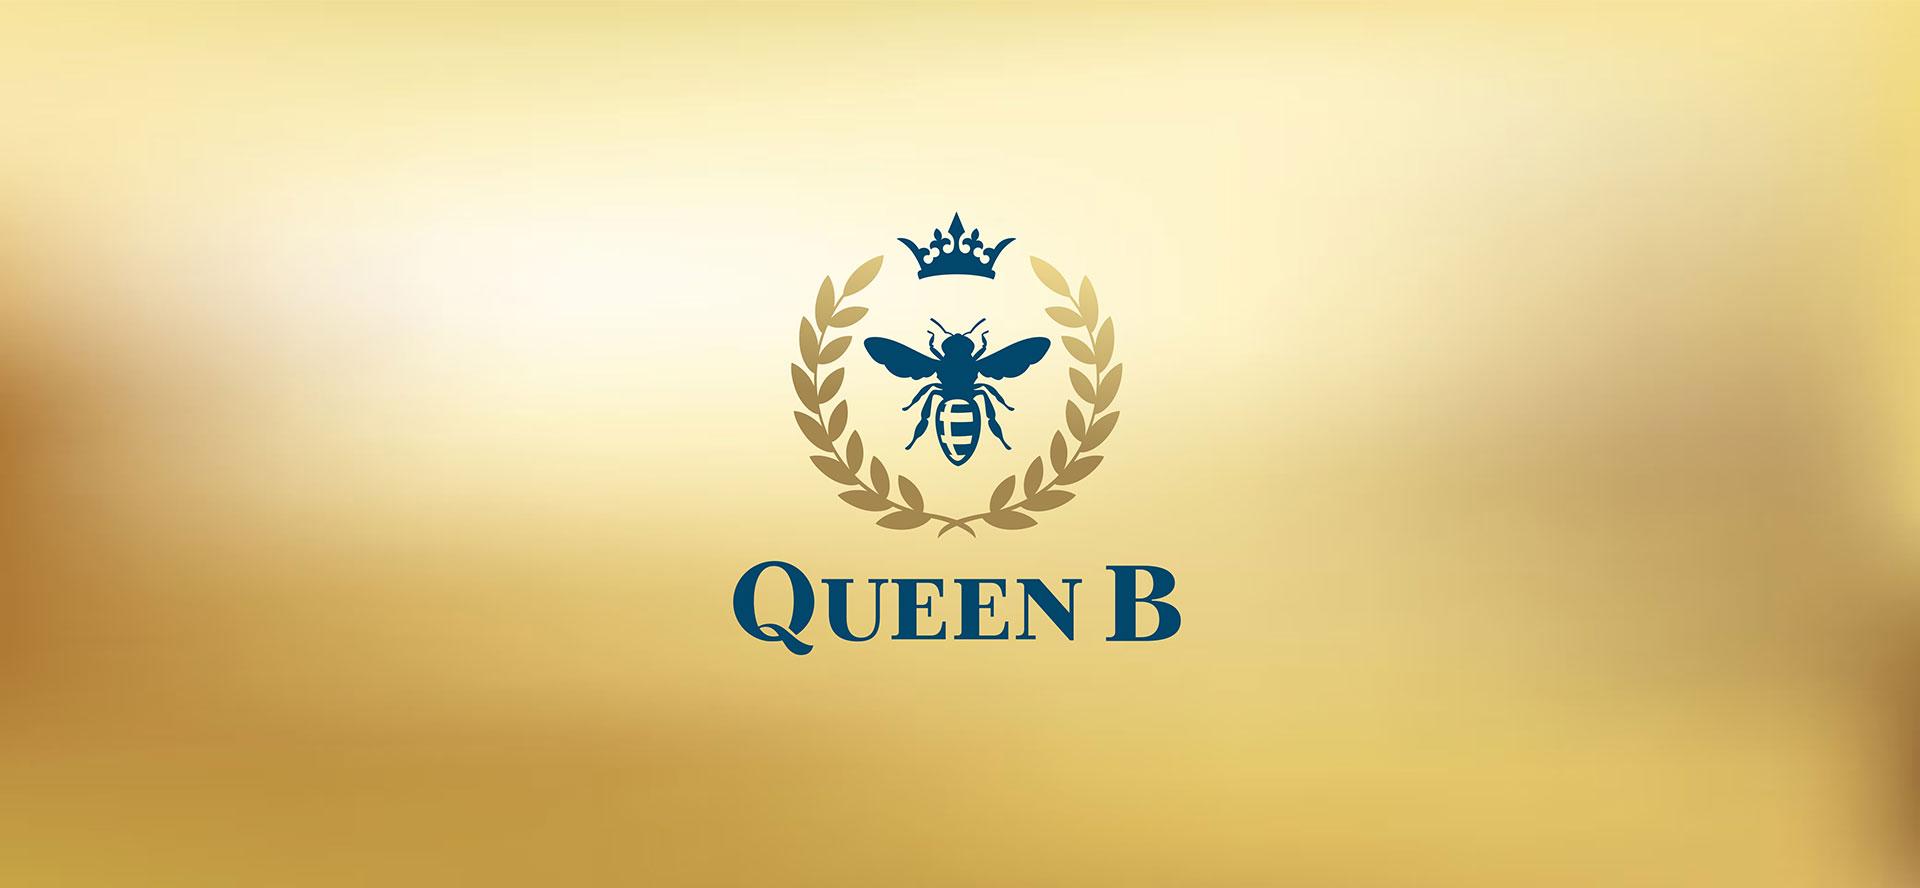 Queen B логотип отеля пчела корона венок